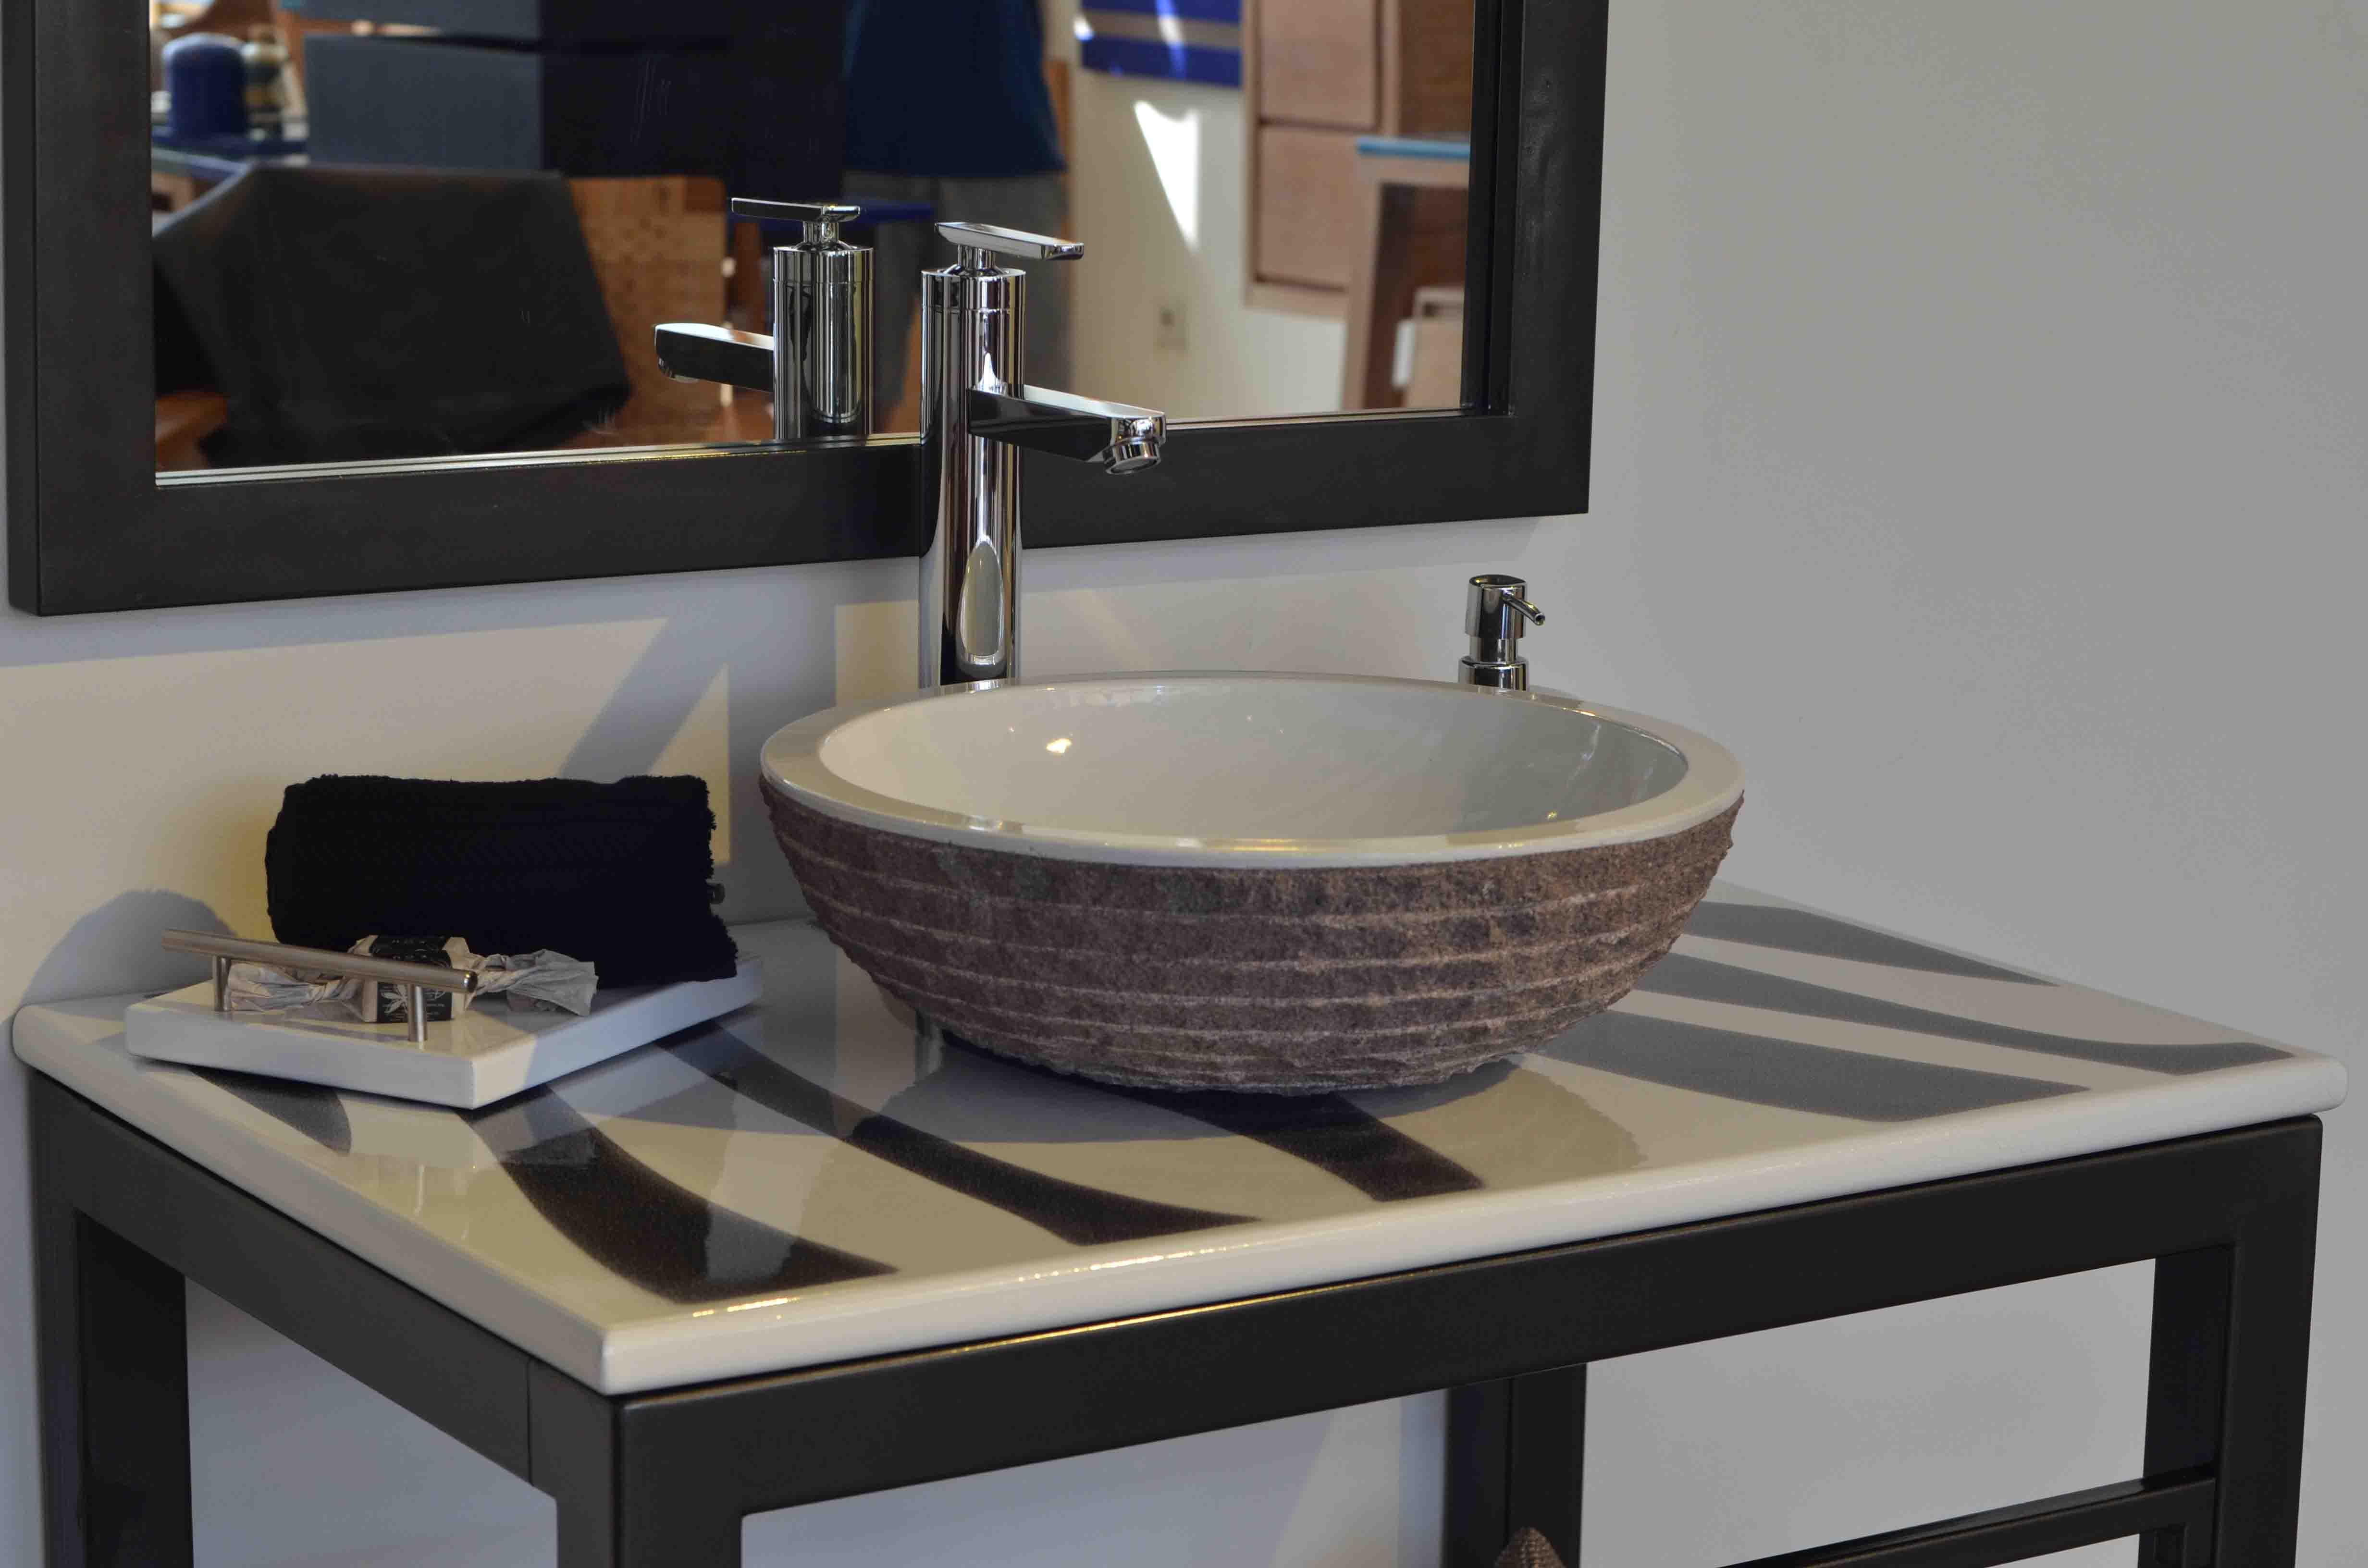 Dessin-Zebre-Black-white-noir-et-banc-set-marmo-bois-teak-nature-couleur-lave-volcan-émaille-céramique-France-Luxe